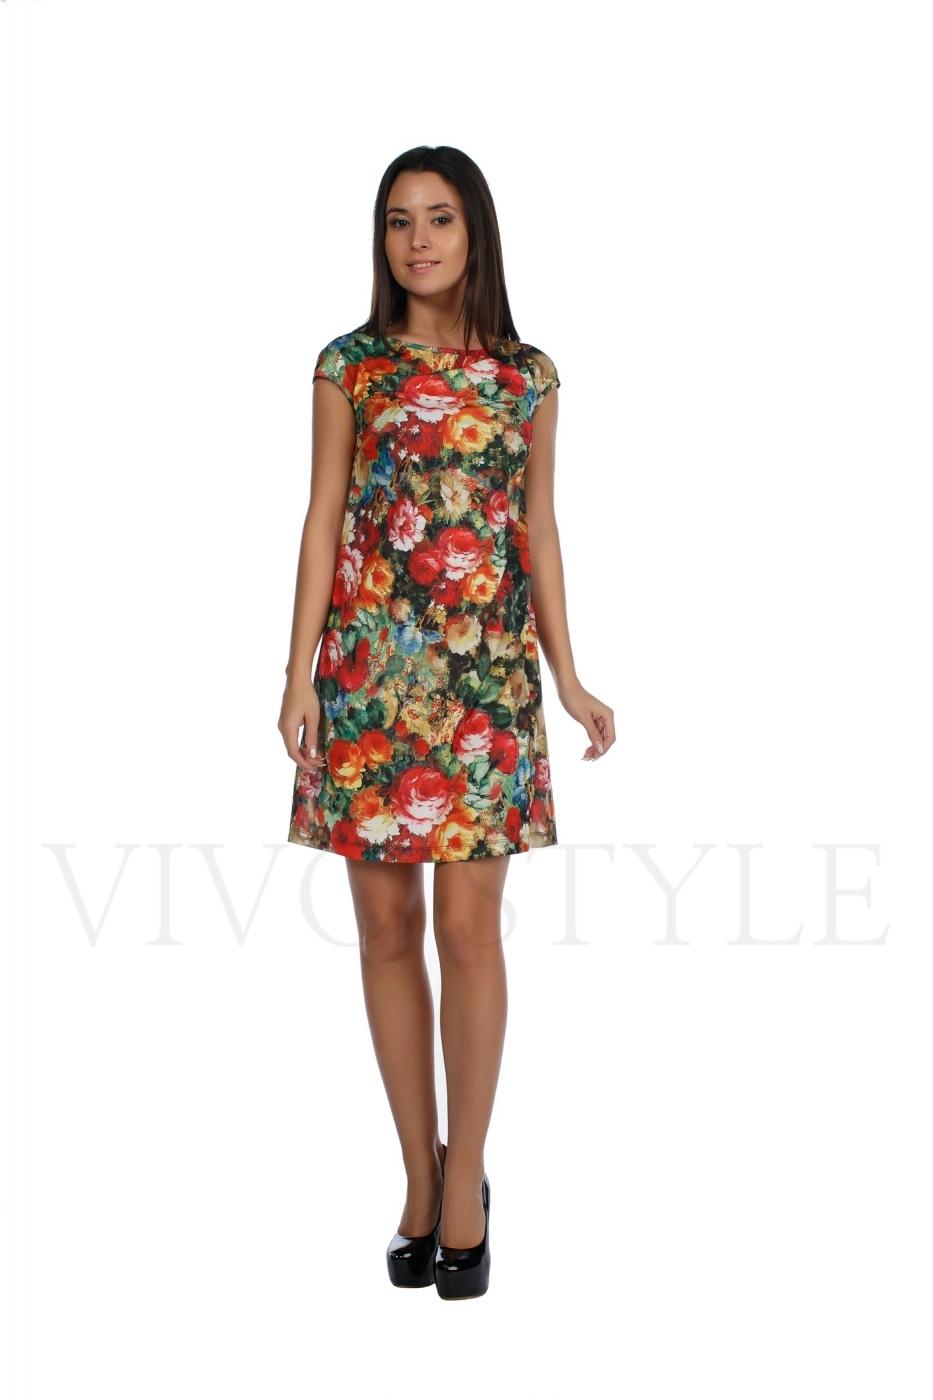 564917b4789 Наша фабрика шьёт недорогие платья из сертифицированных тканей